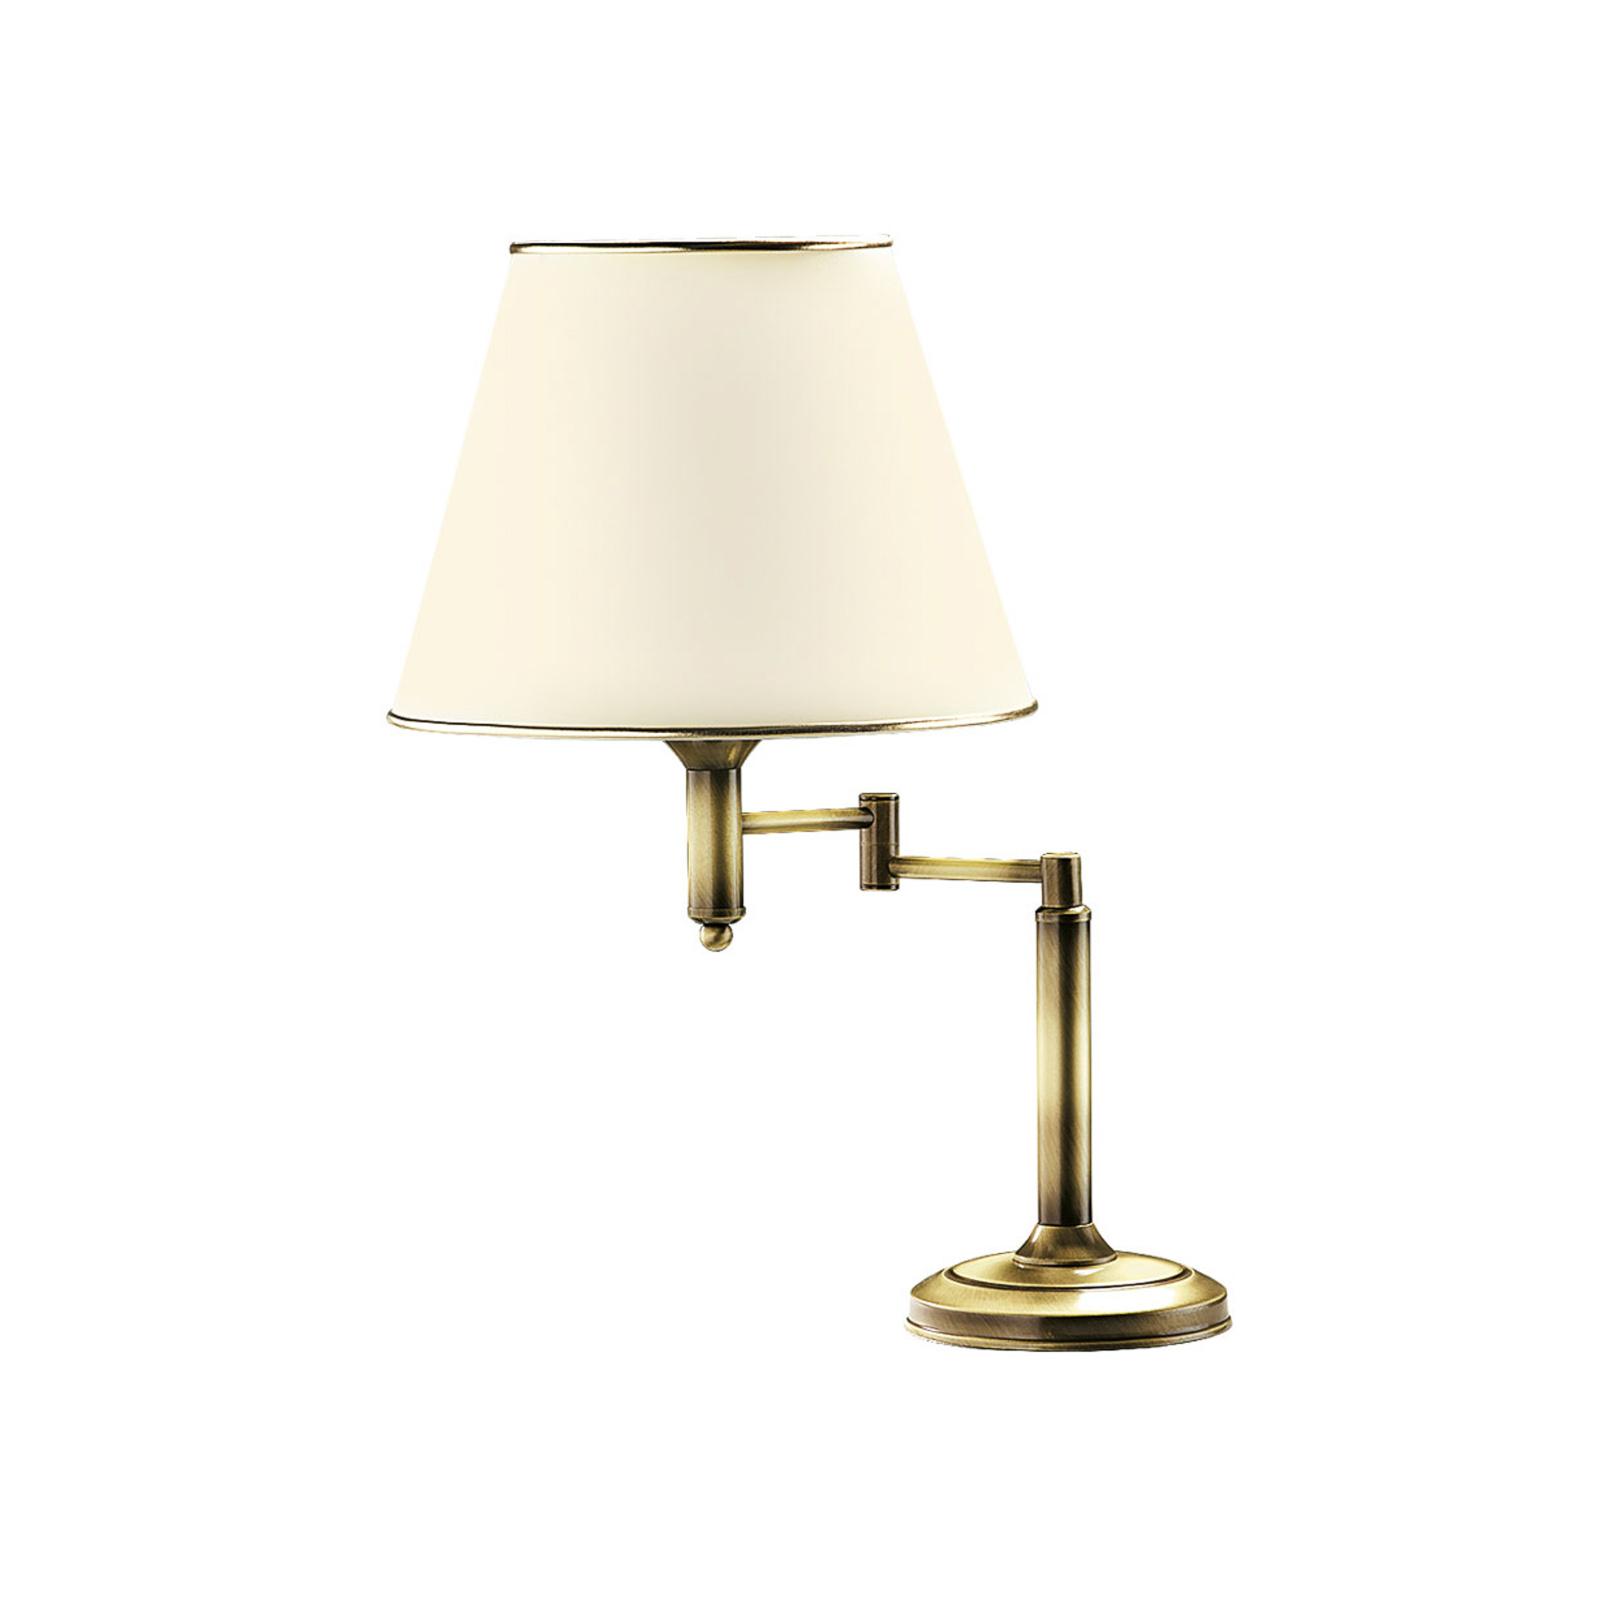 Birmingham bordlampe, patineret Ø 32 cm med led